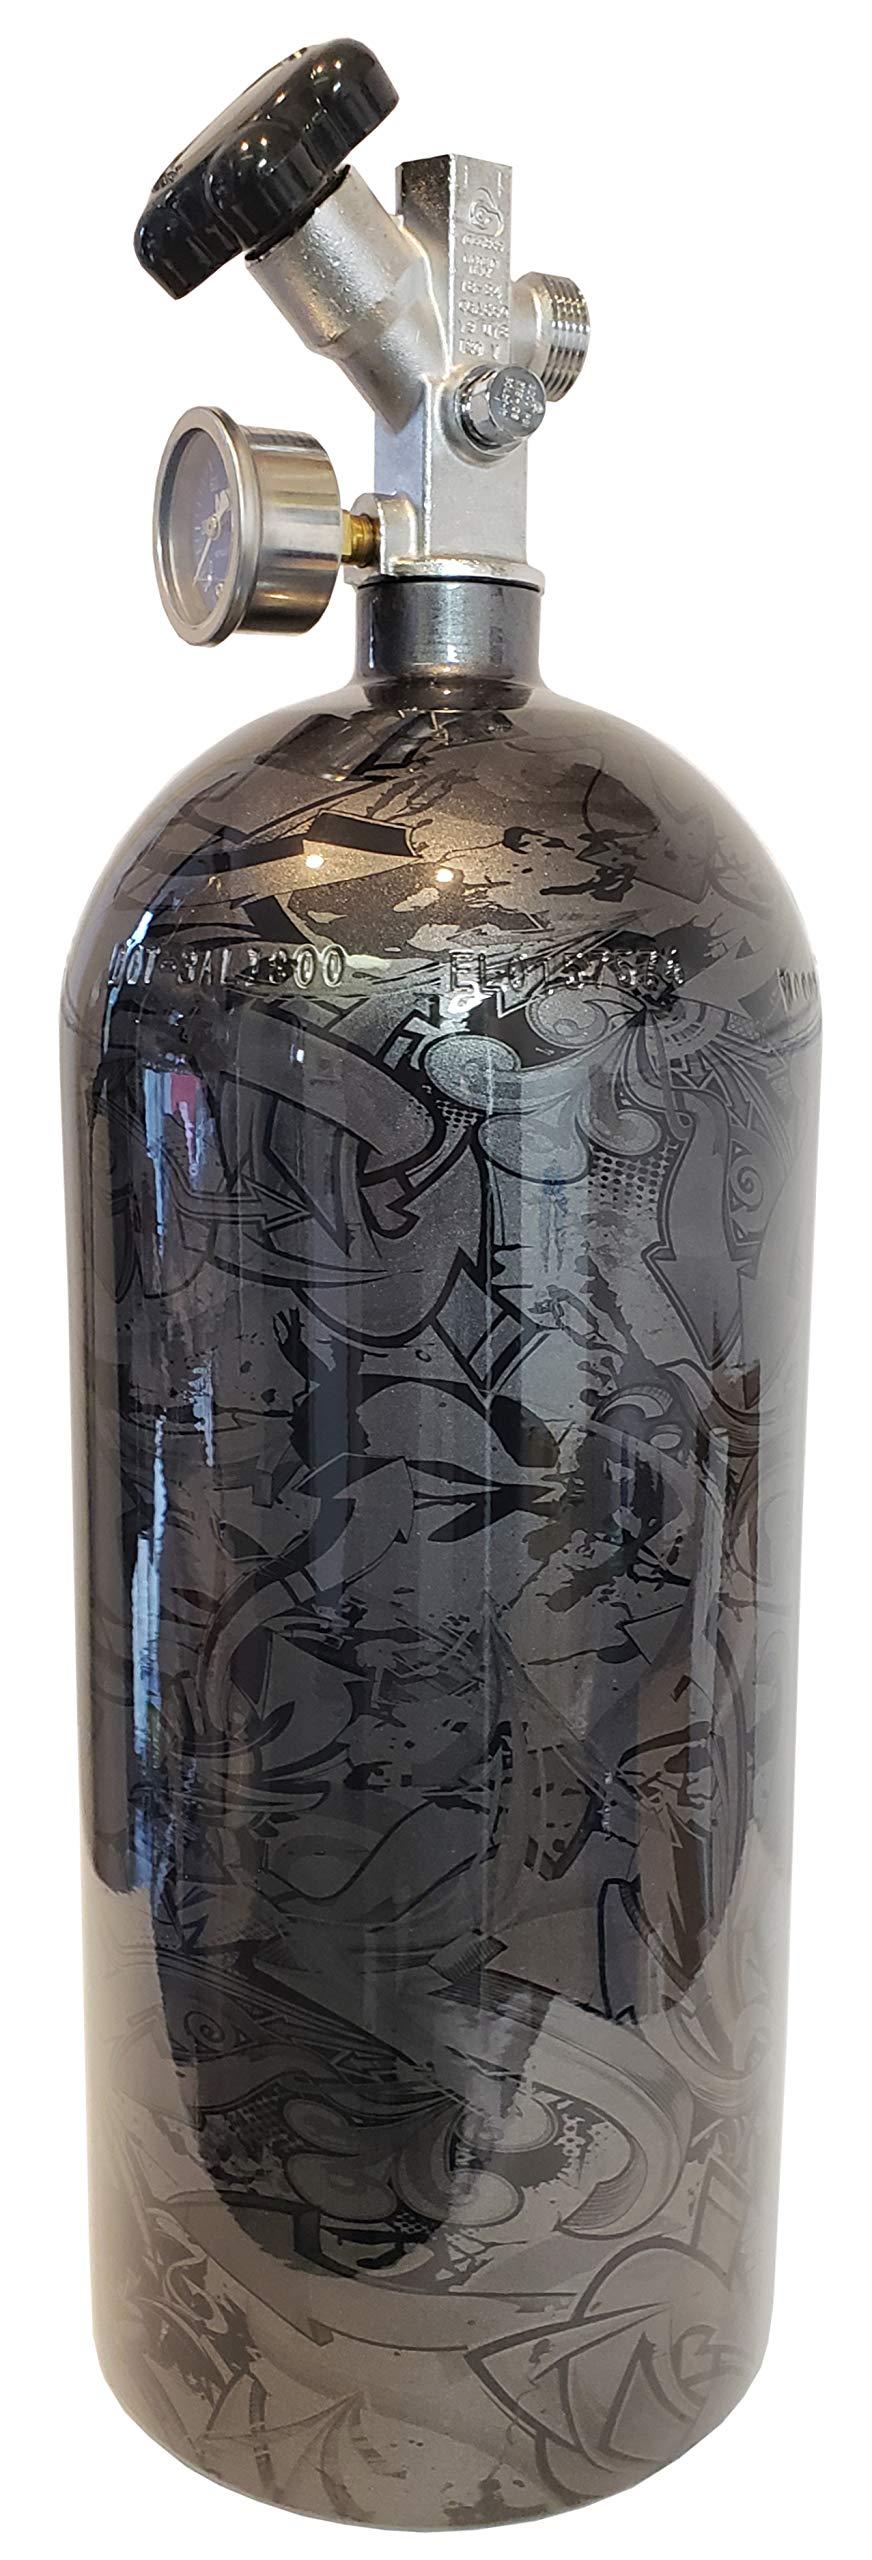 10lb Nitrous Oxide Bottle Custom Metallic Graphite High Gloss W/Super Hi Flo Valve 14745BNOS by Bag R BUck